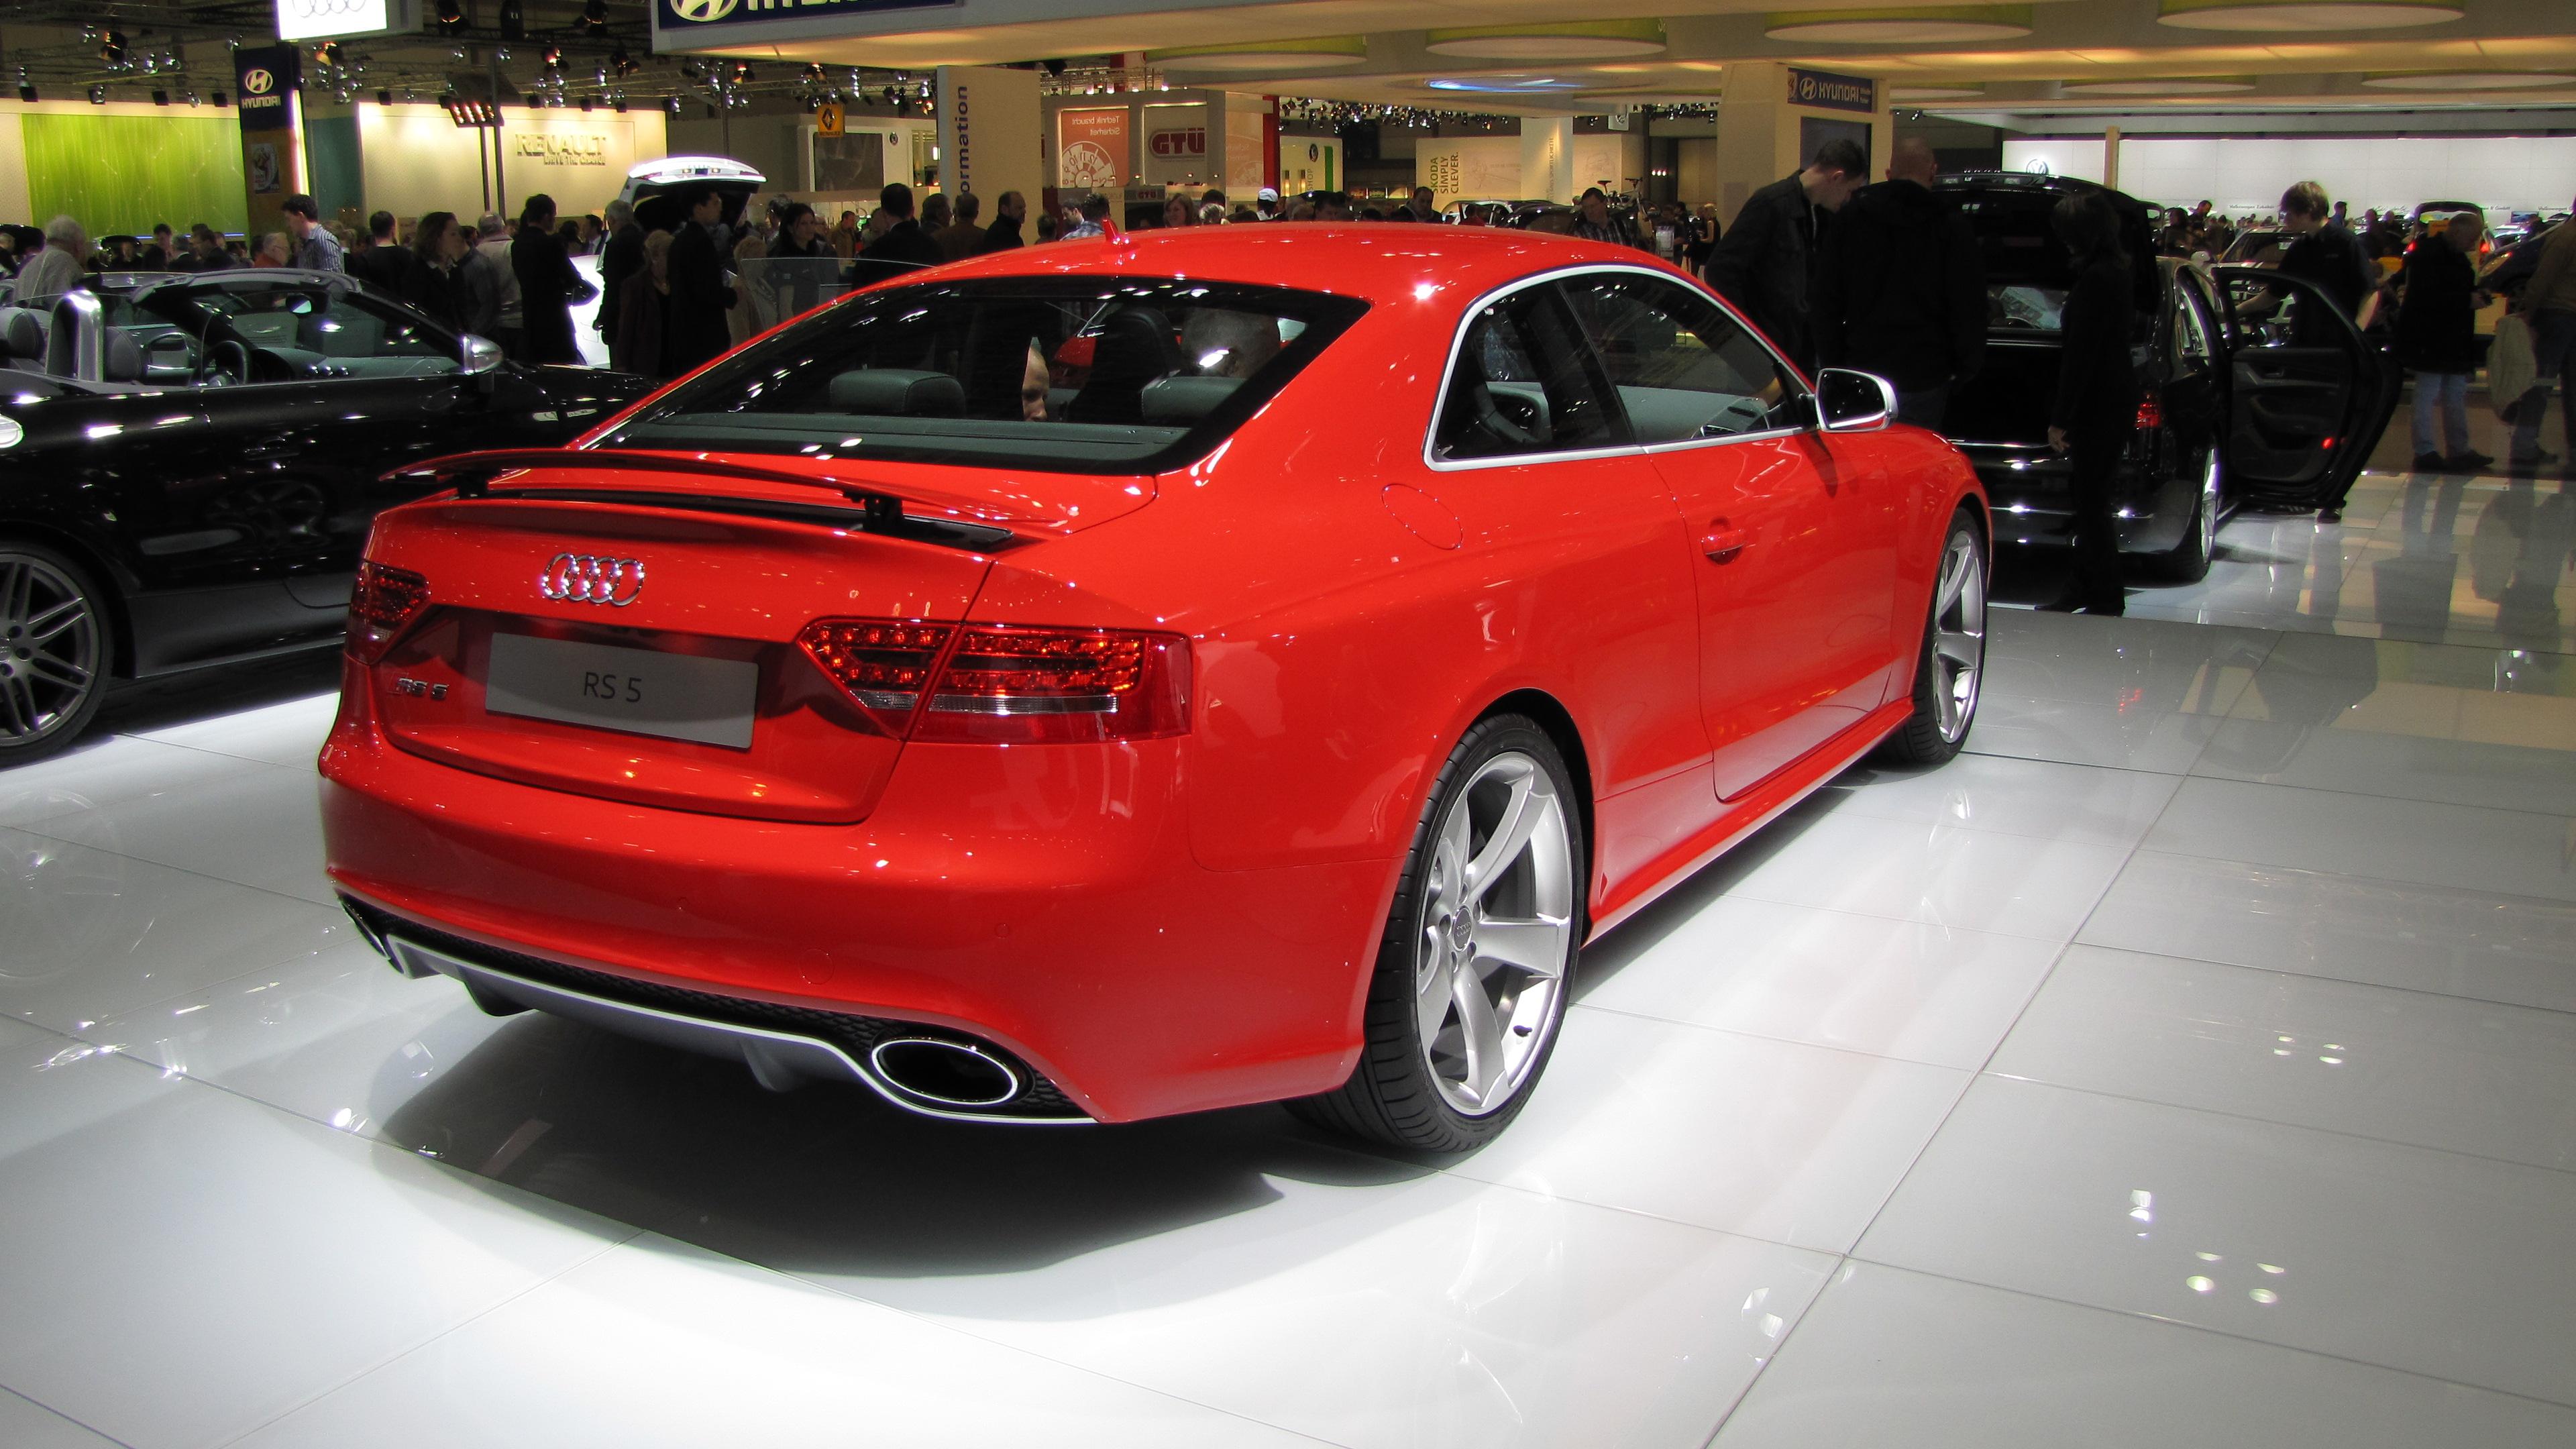 Audi rs5 wikipedia english 13